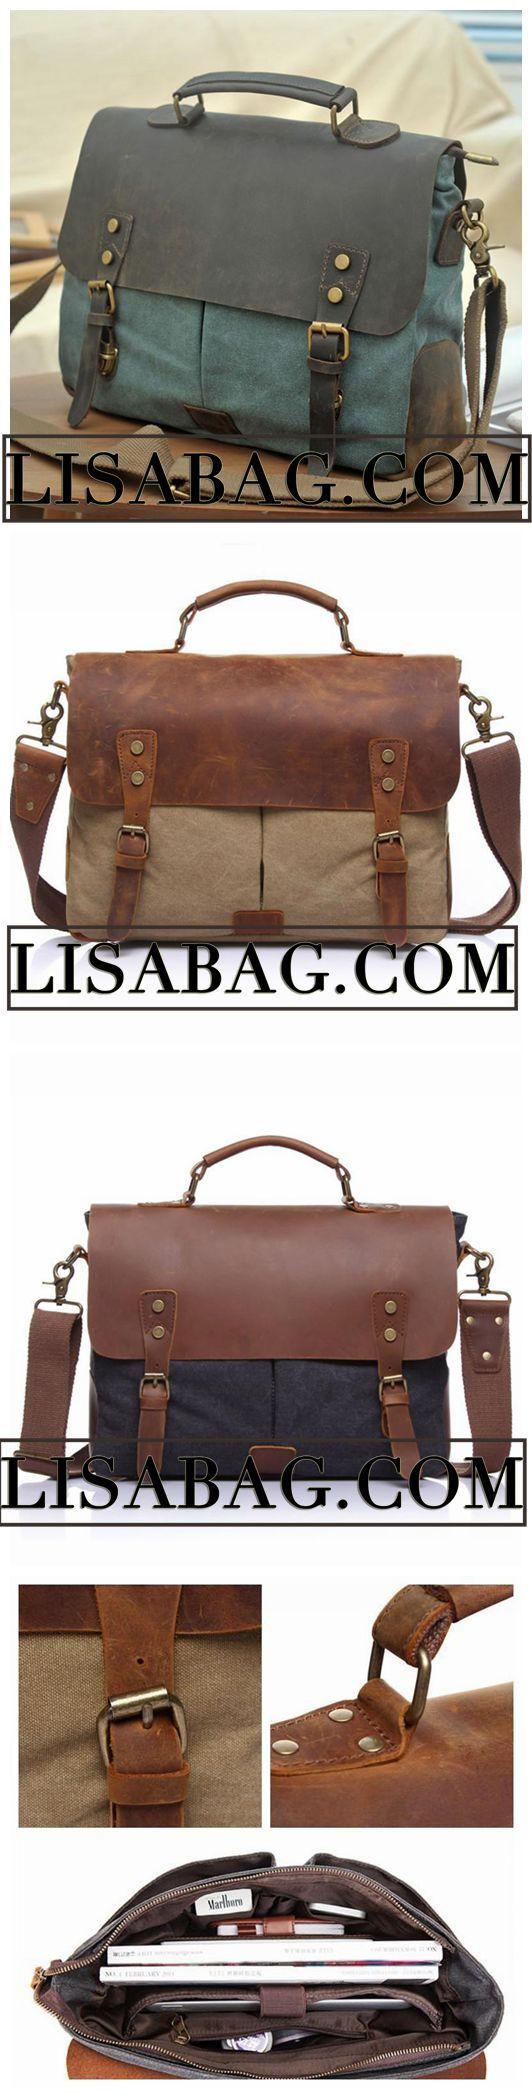 Handmade Blue Green Canvas Leather Briefcase Messenger Bag Shoulder Bag  Laptop Bag 1807 4f4721182b81c